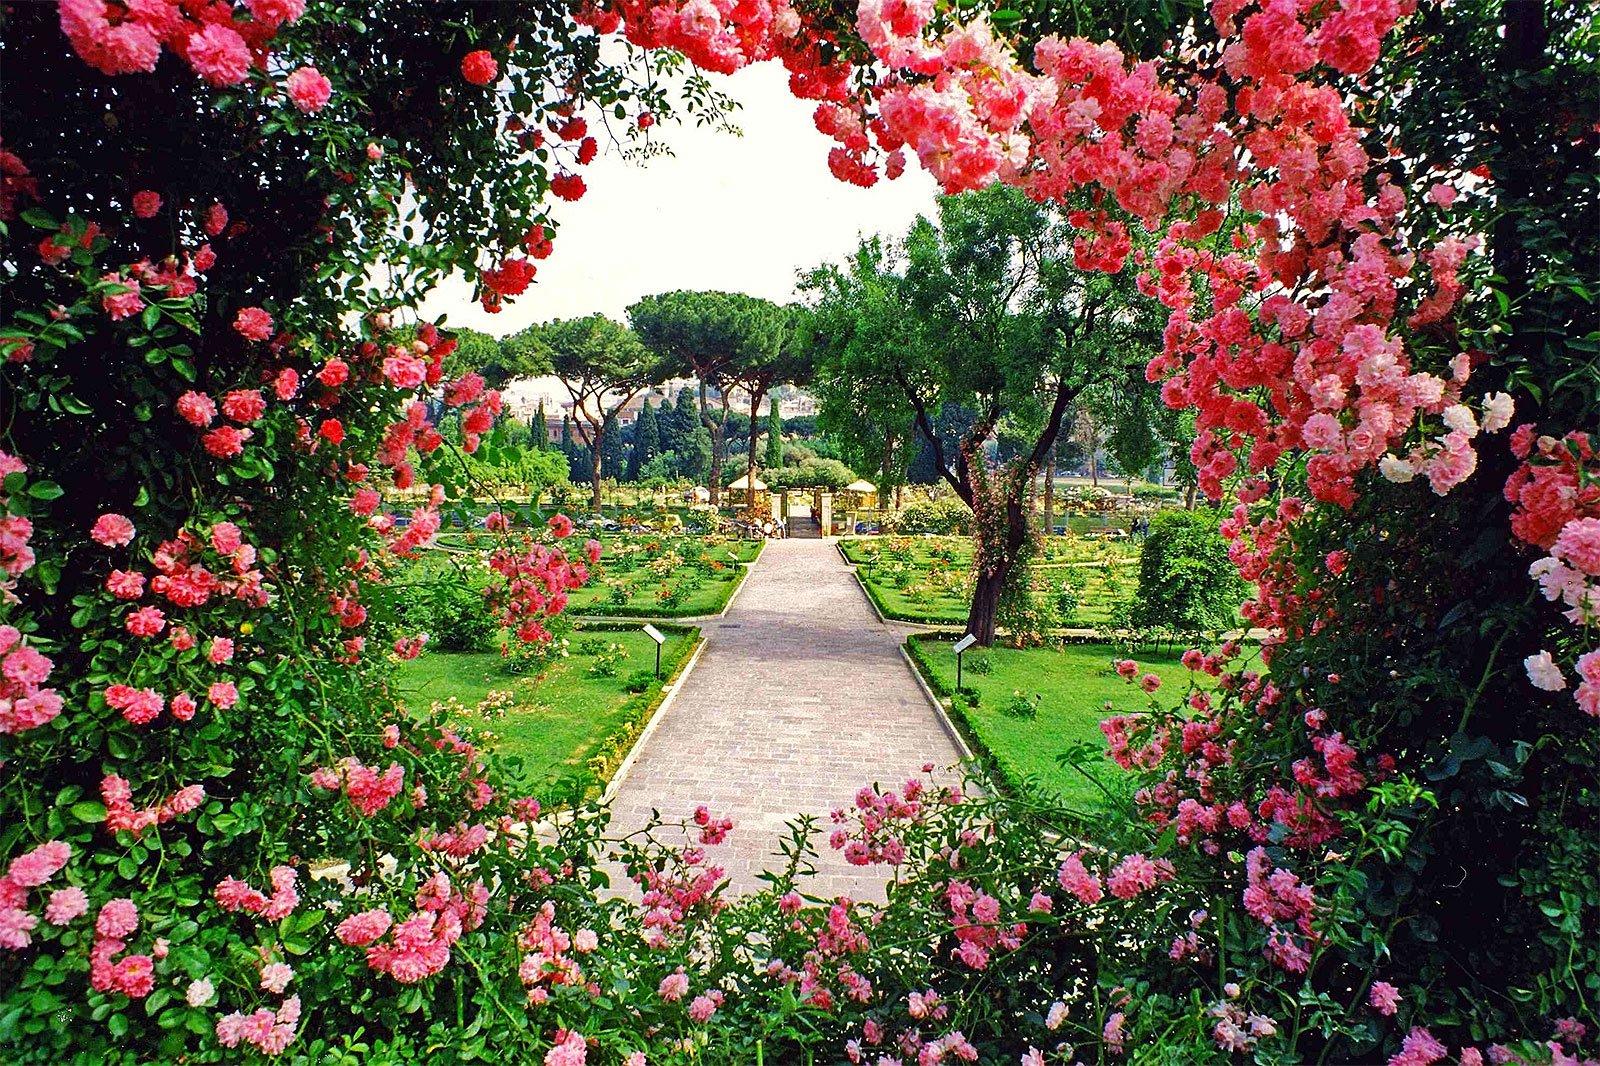 где подлинные розовый сад картинки лгал, она